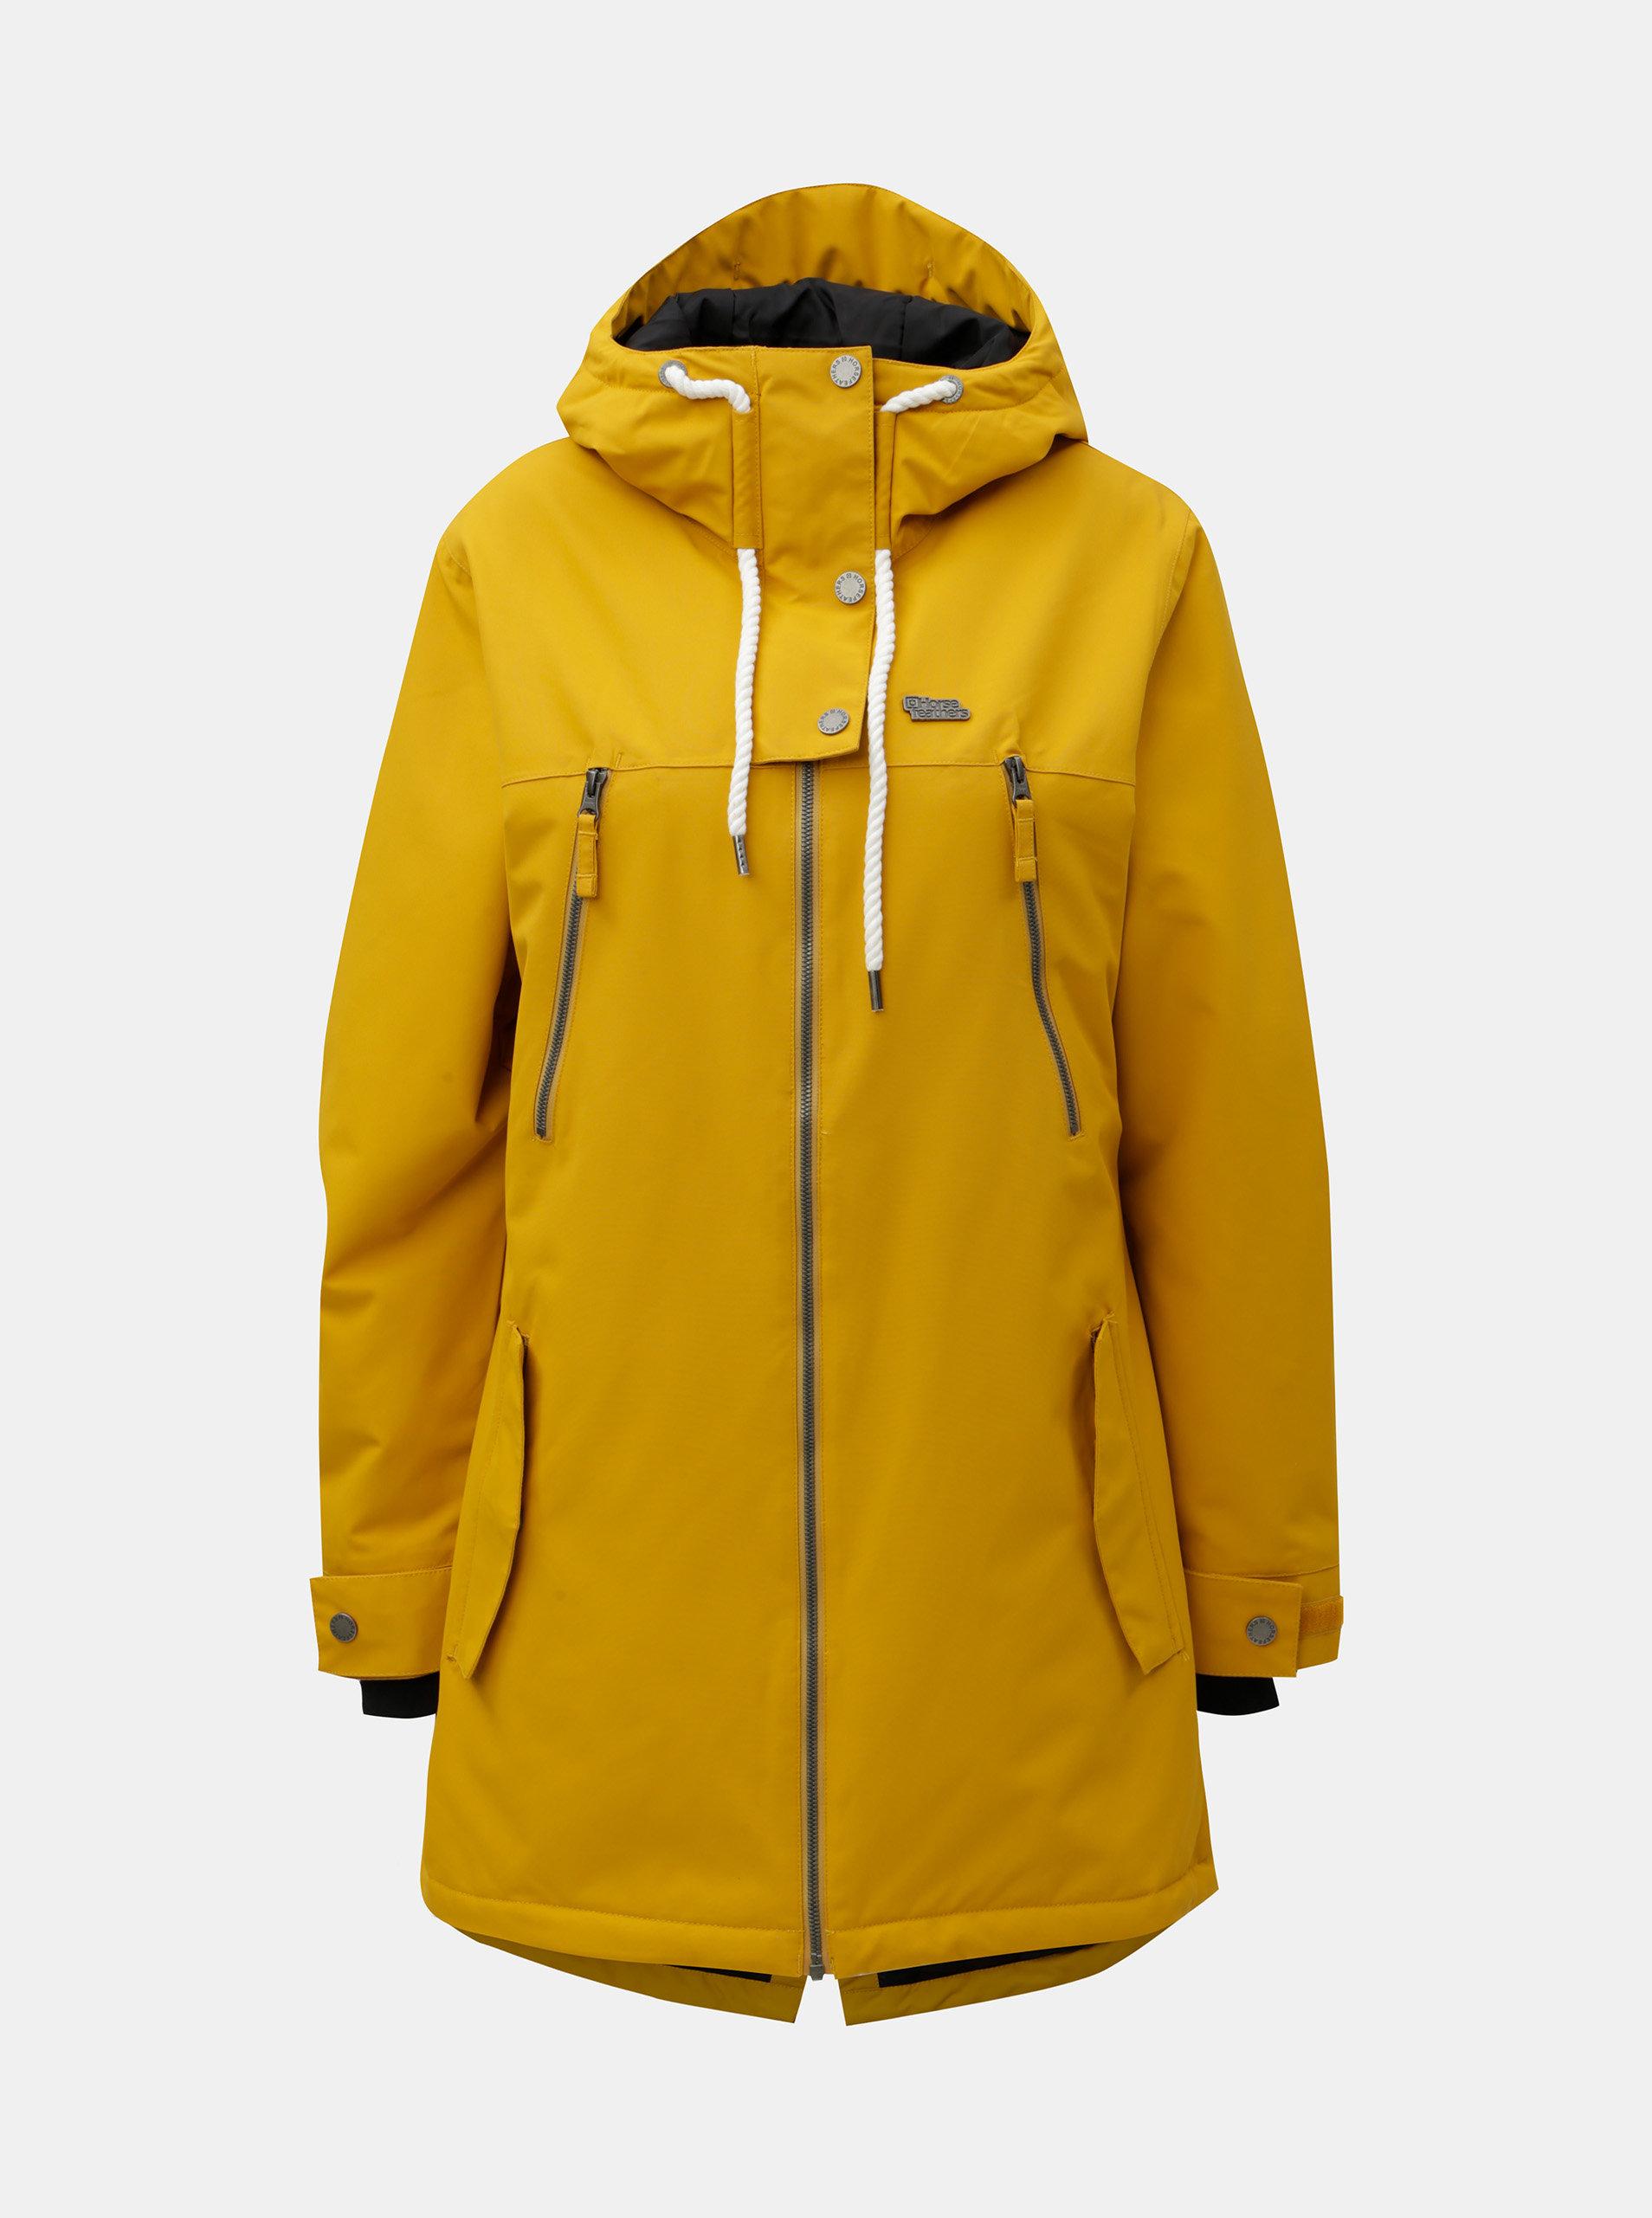 Žltá dámska snowboardová bunda Horsefeathers Chipy ... 4a7b4caa26f